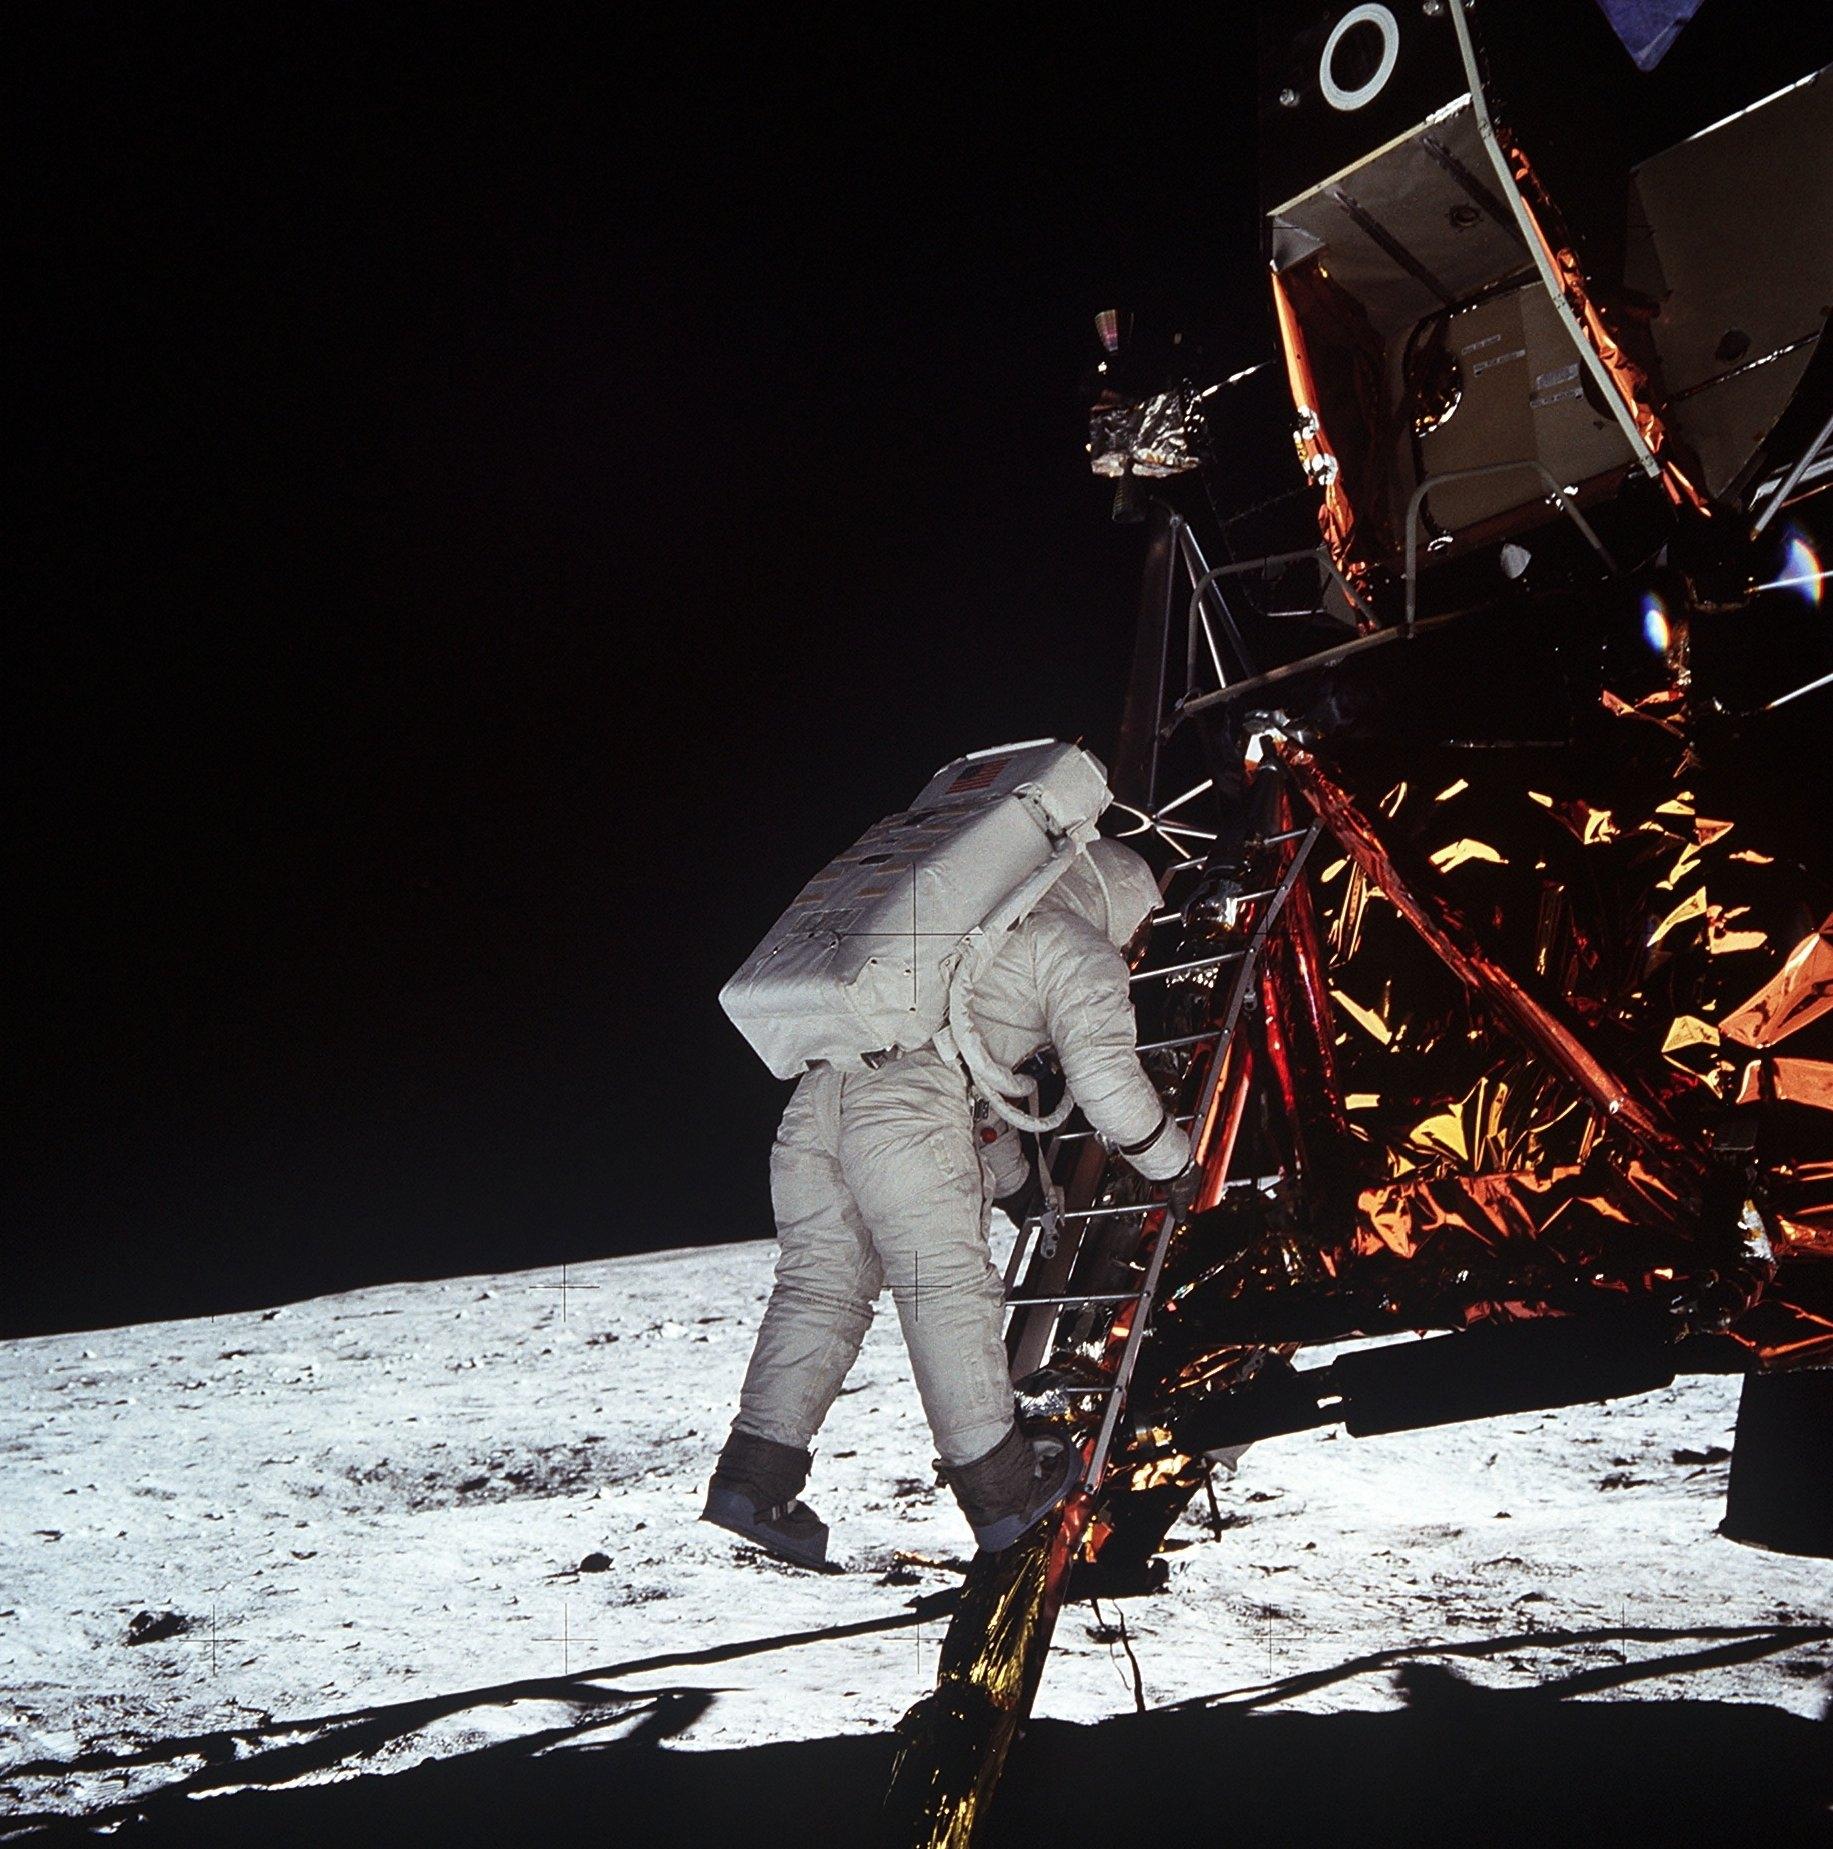 Le site d'atterrissage du module lunaire de la mission Apollo 11, photographié lors de la mission Apollo 14